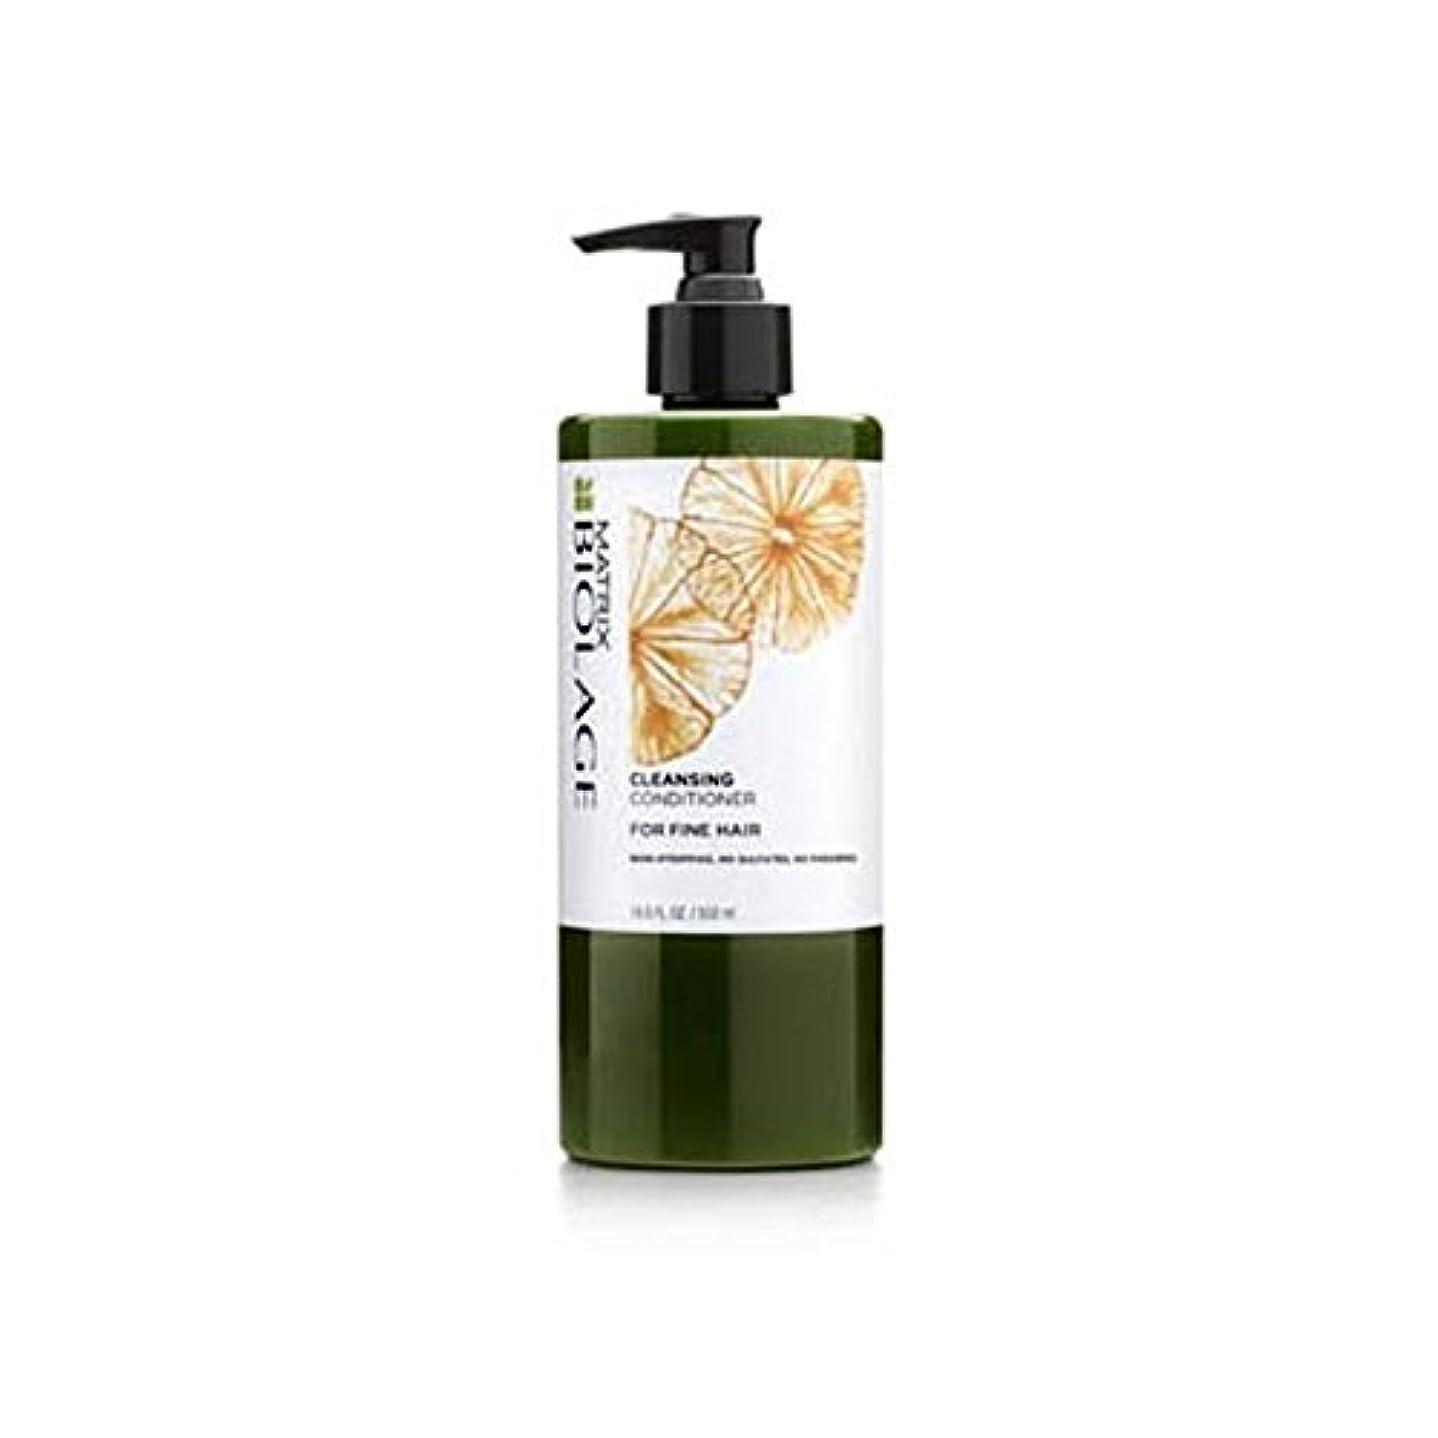 眩惑する挑発する相手マトリックスバイオレイジクレンジングコンディショナー - 細い髪(500ミリリットル) x4 - Matrix Biolage Cleansing Conditioner - Fine Hair (500ml) (Pack...